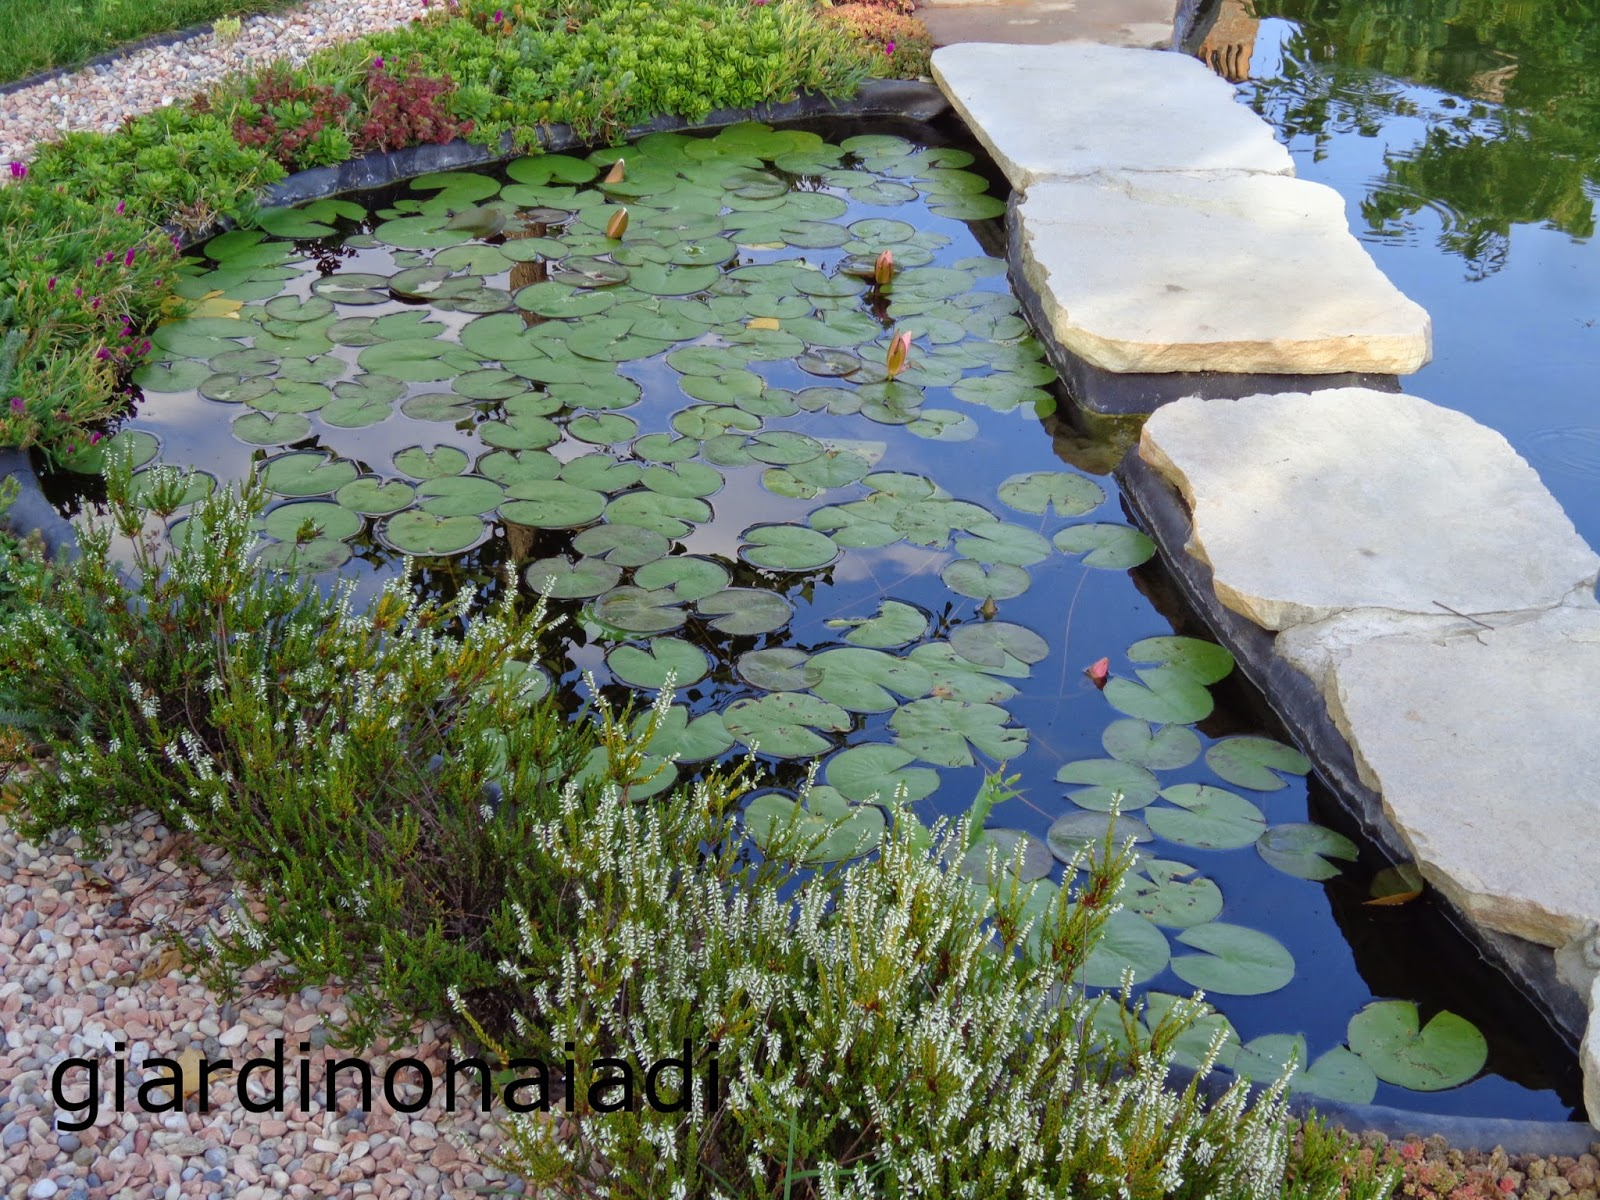 Il giardino delle naiadi filtrazione naturale e tecnica for Laghetto naturale